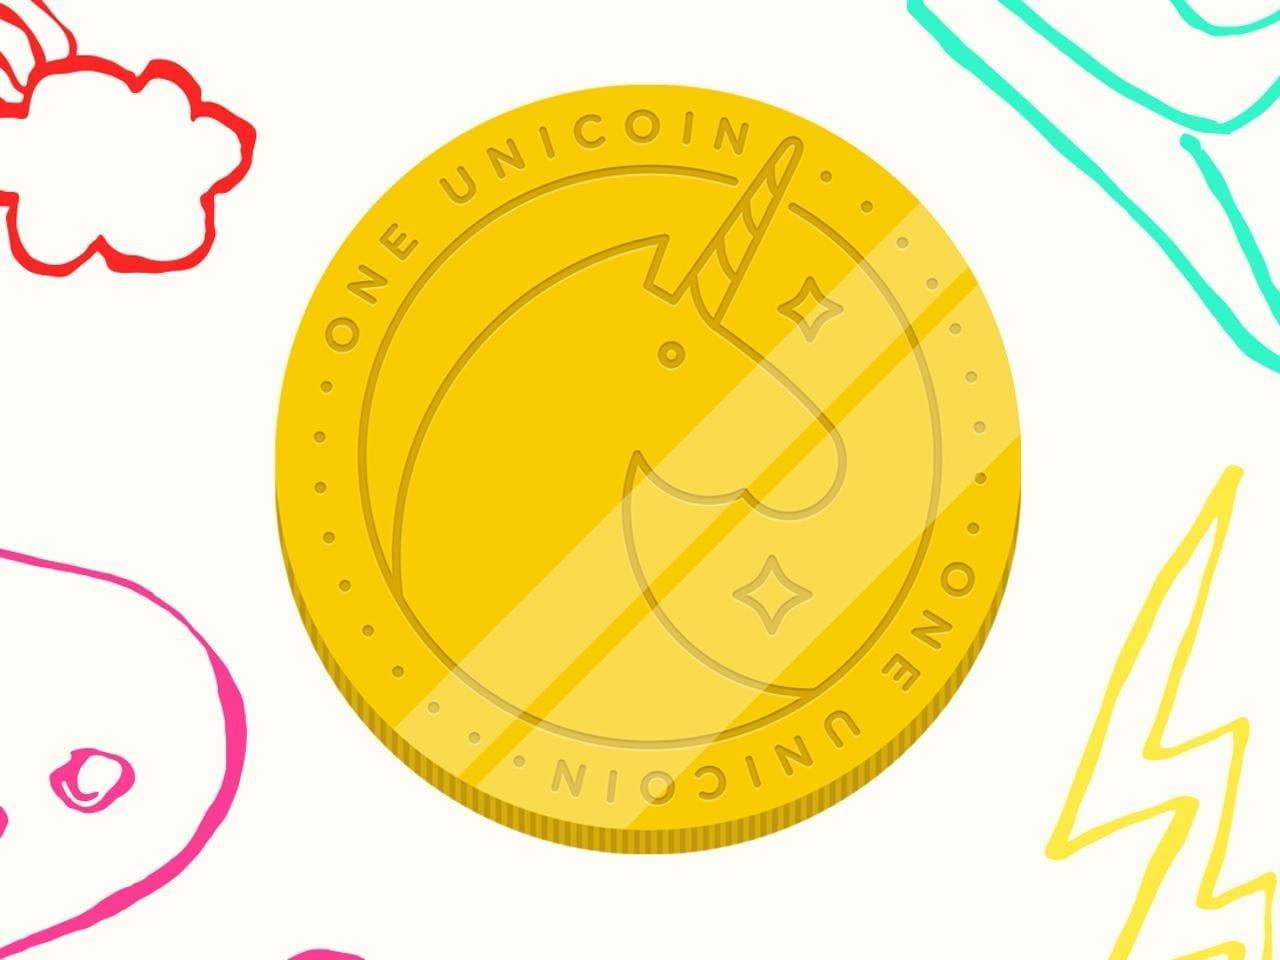 Minori: arriva Unicoin, prima moneta per sostenere il diritto all'istruzione